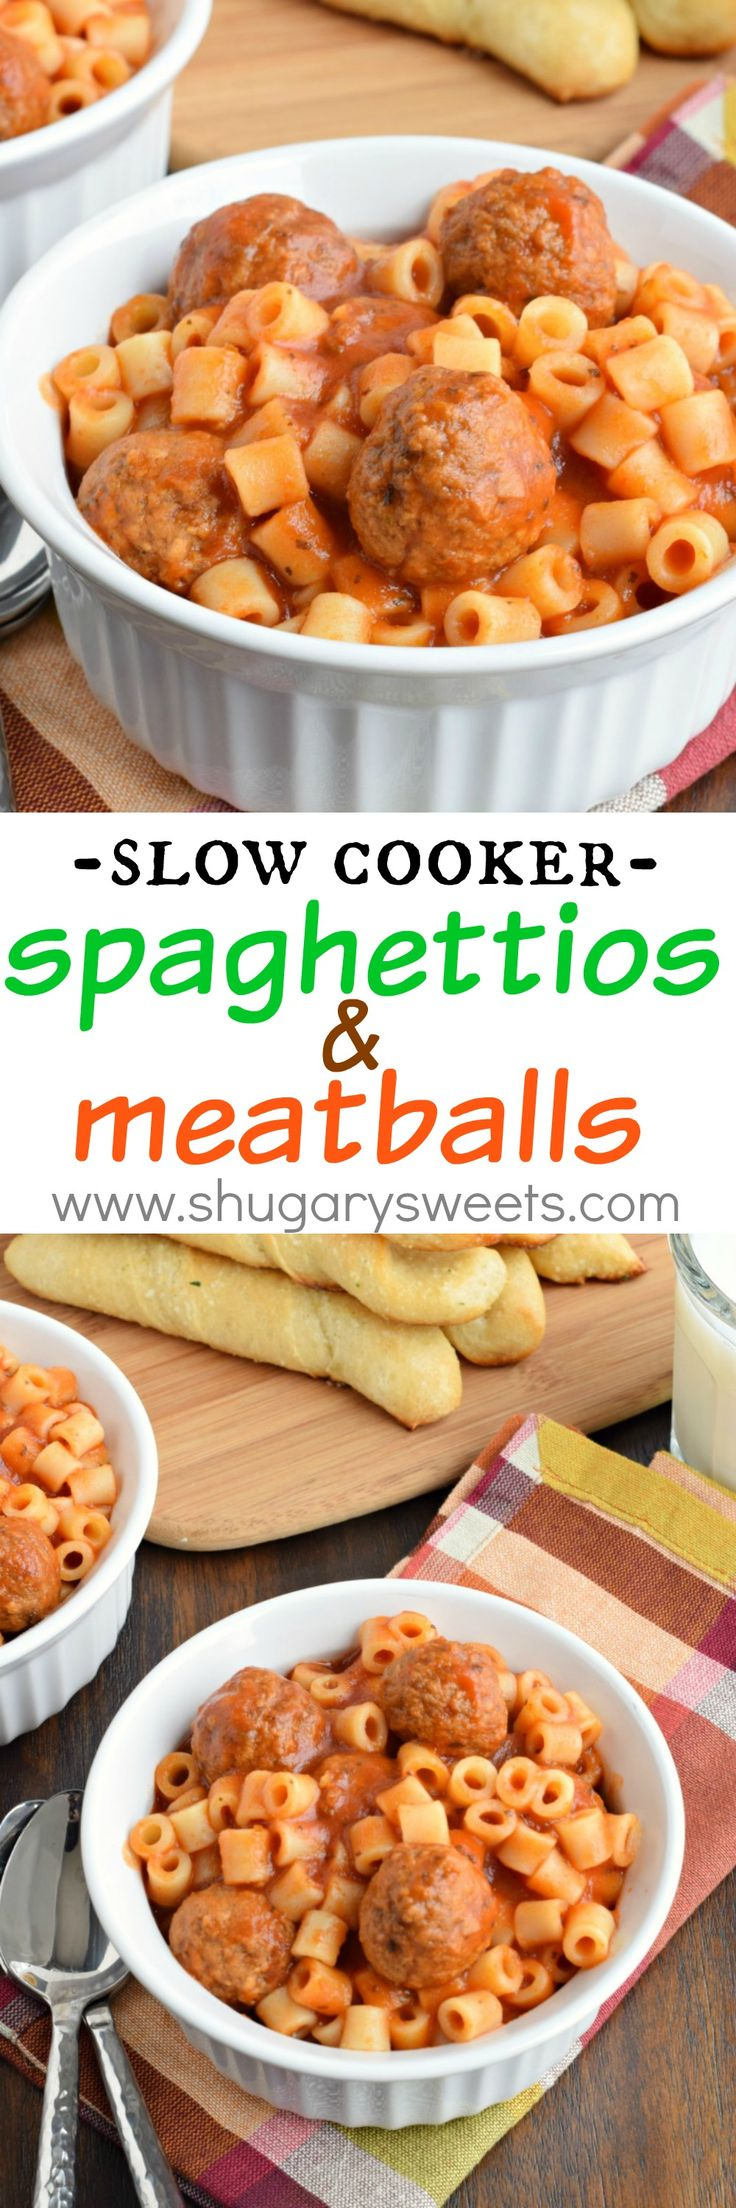 Best 25+ Kids pasta ideas on Pinterest | Pasta recipes ...